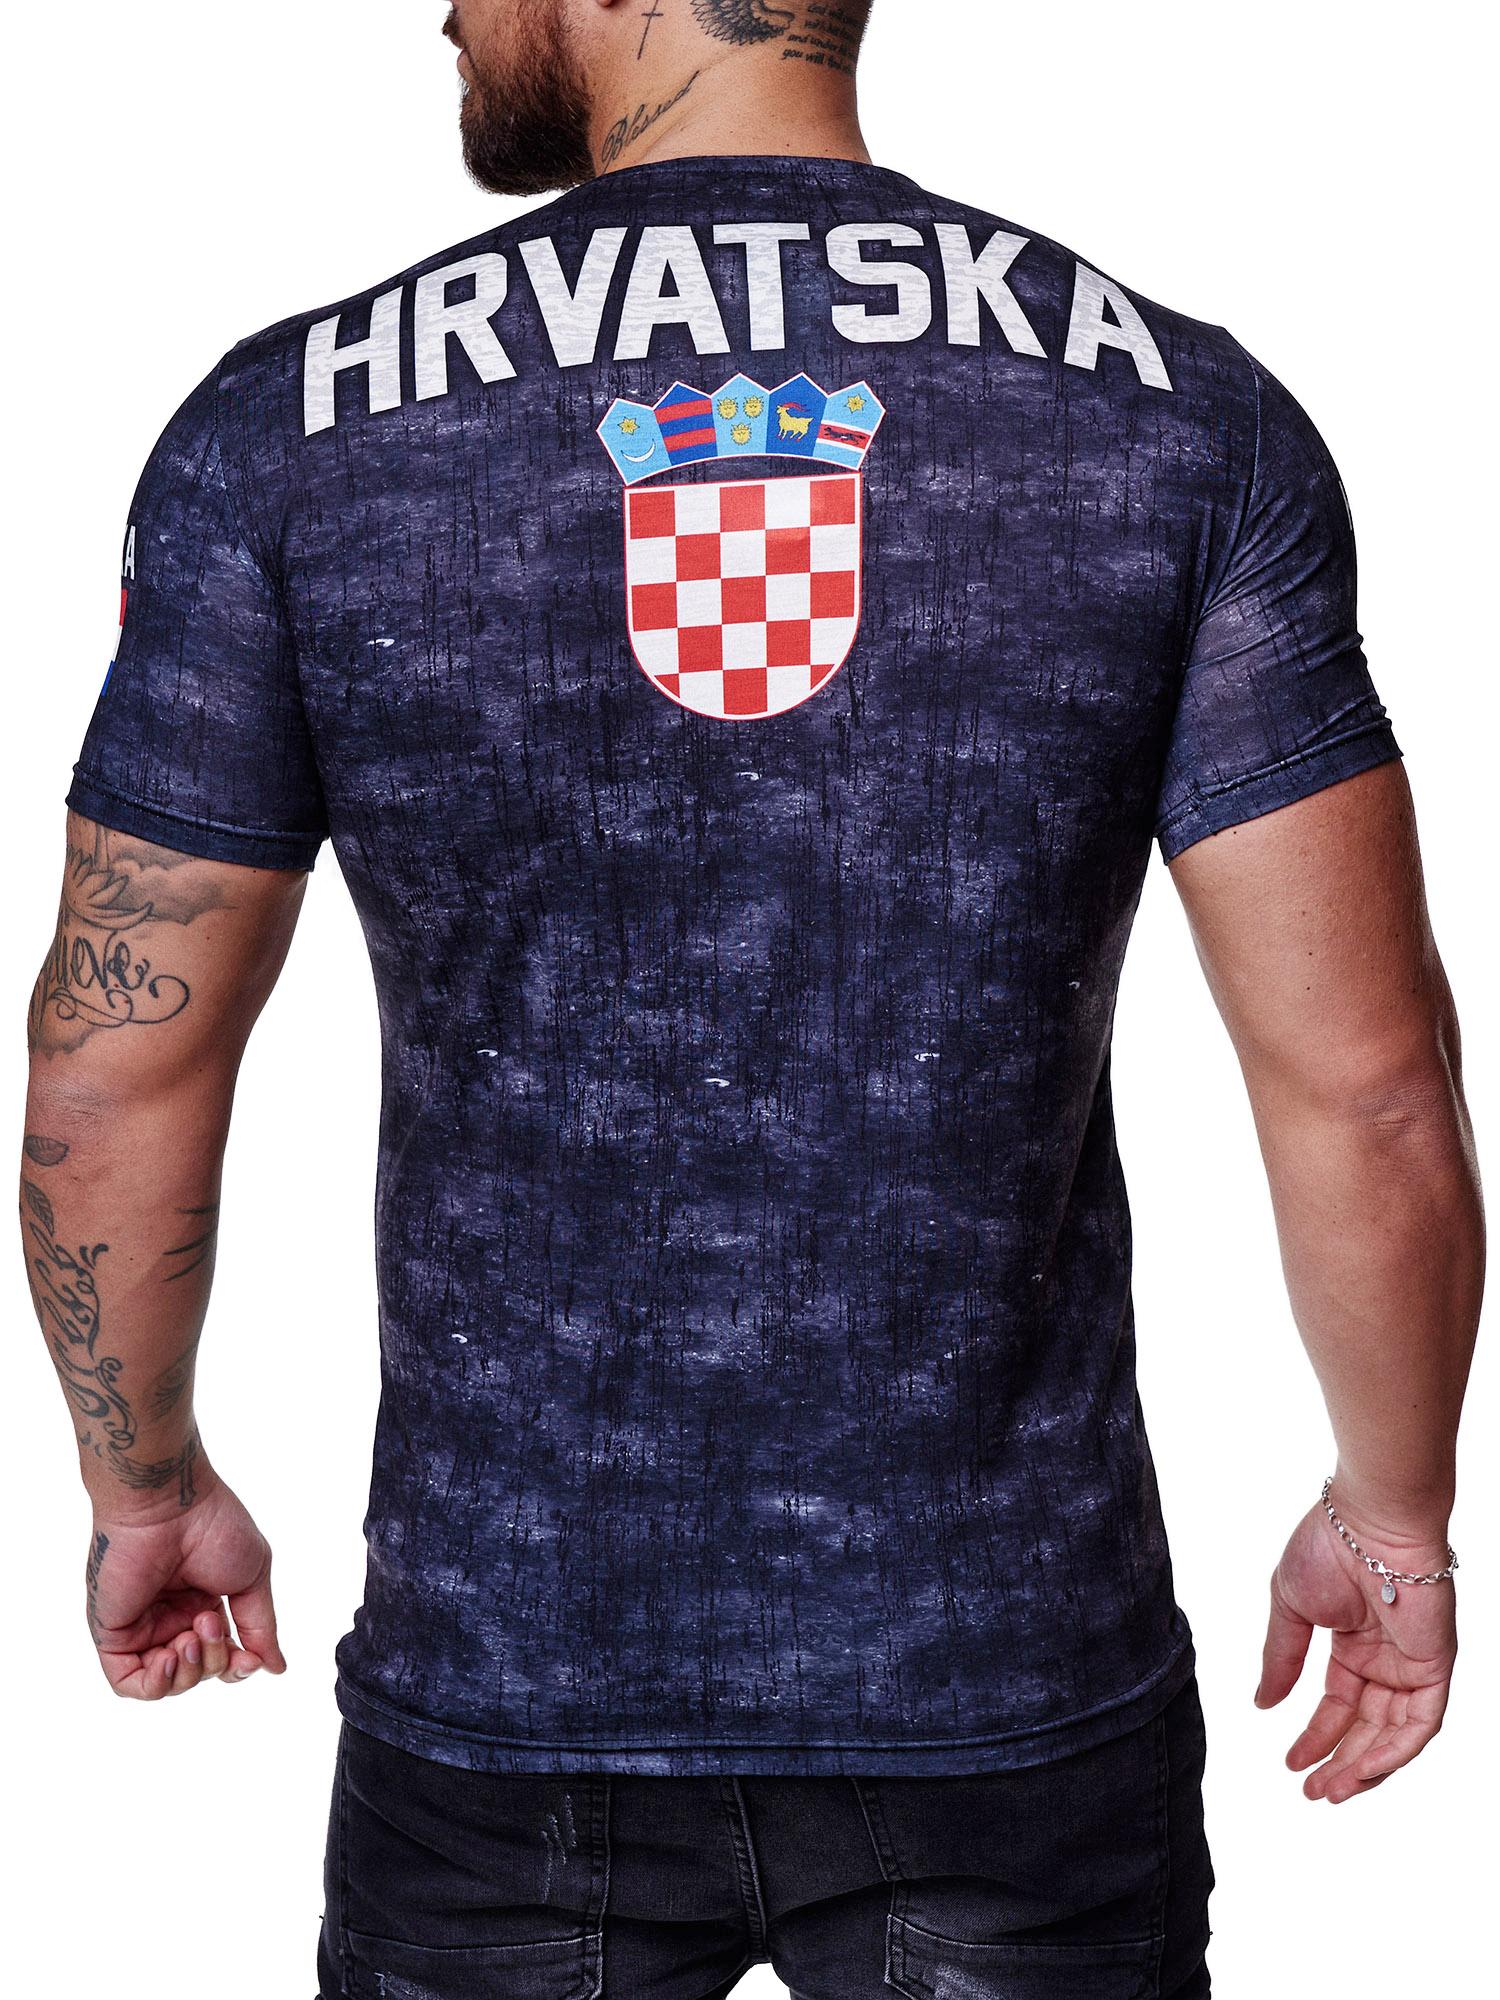 Paesi-da-Donna-T-shirt-A-Maniche-Corte-Girocollo-donne-CALCIO-Fanshirt-John-Kayna miniatura 60